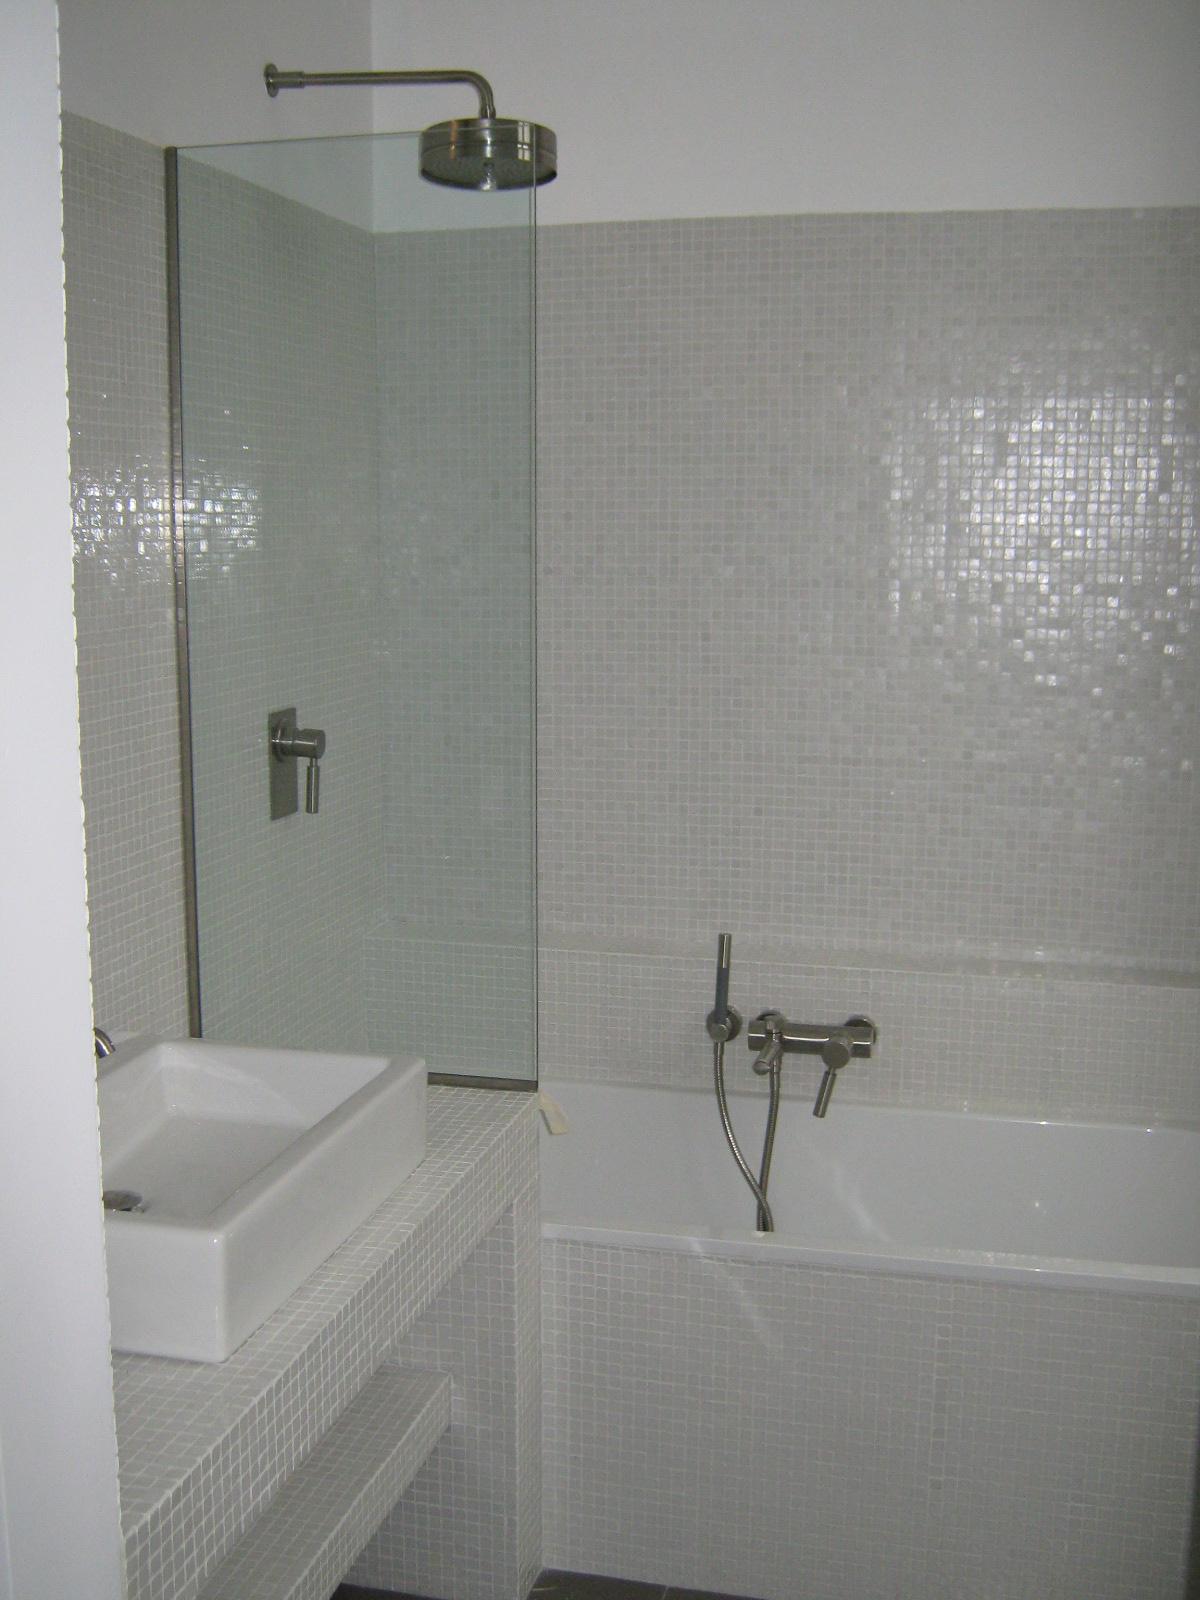 18. Installazione arredo sanitario doccia con soffione circolare a parete, miscelatore, doccino, e rivestimento pareti a mosaico: lavori ultimati.